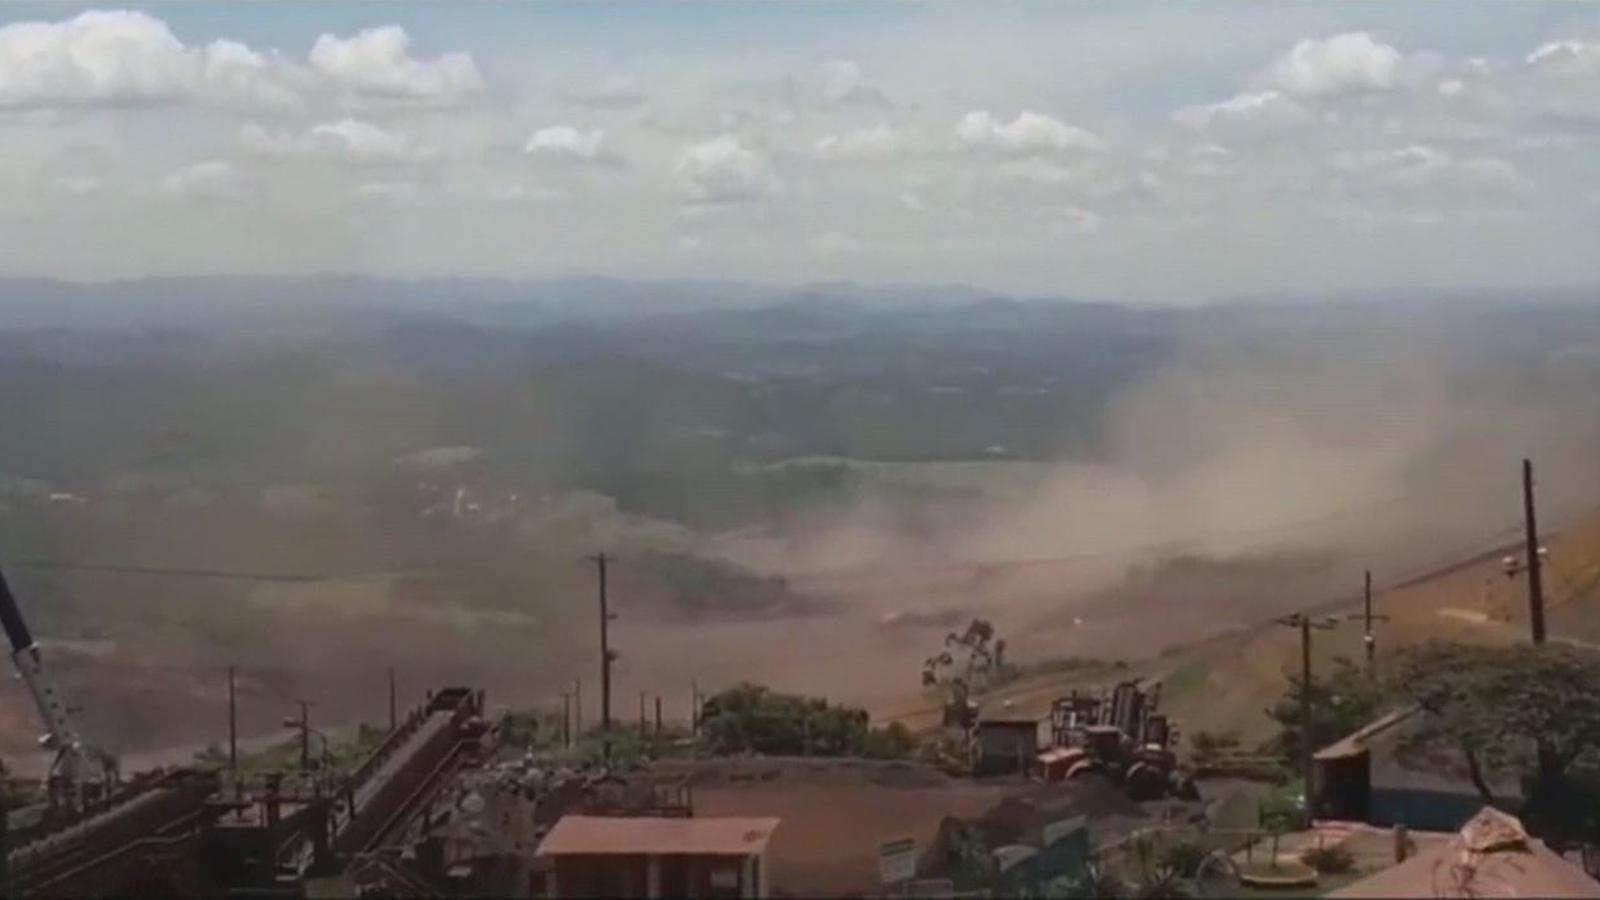 Una presa de la gegant minera, Vale, es trenca i forma un riu de fang que inunda una ciutat del Brasil